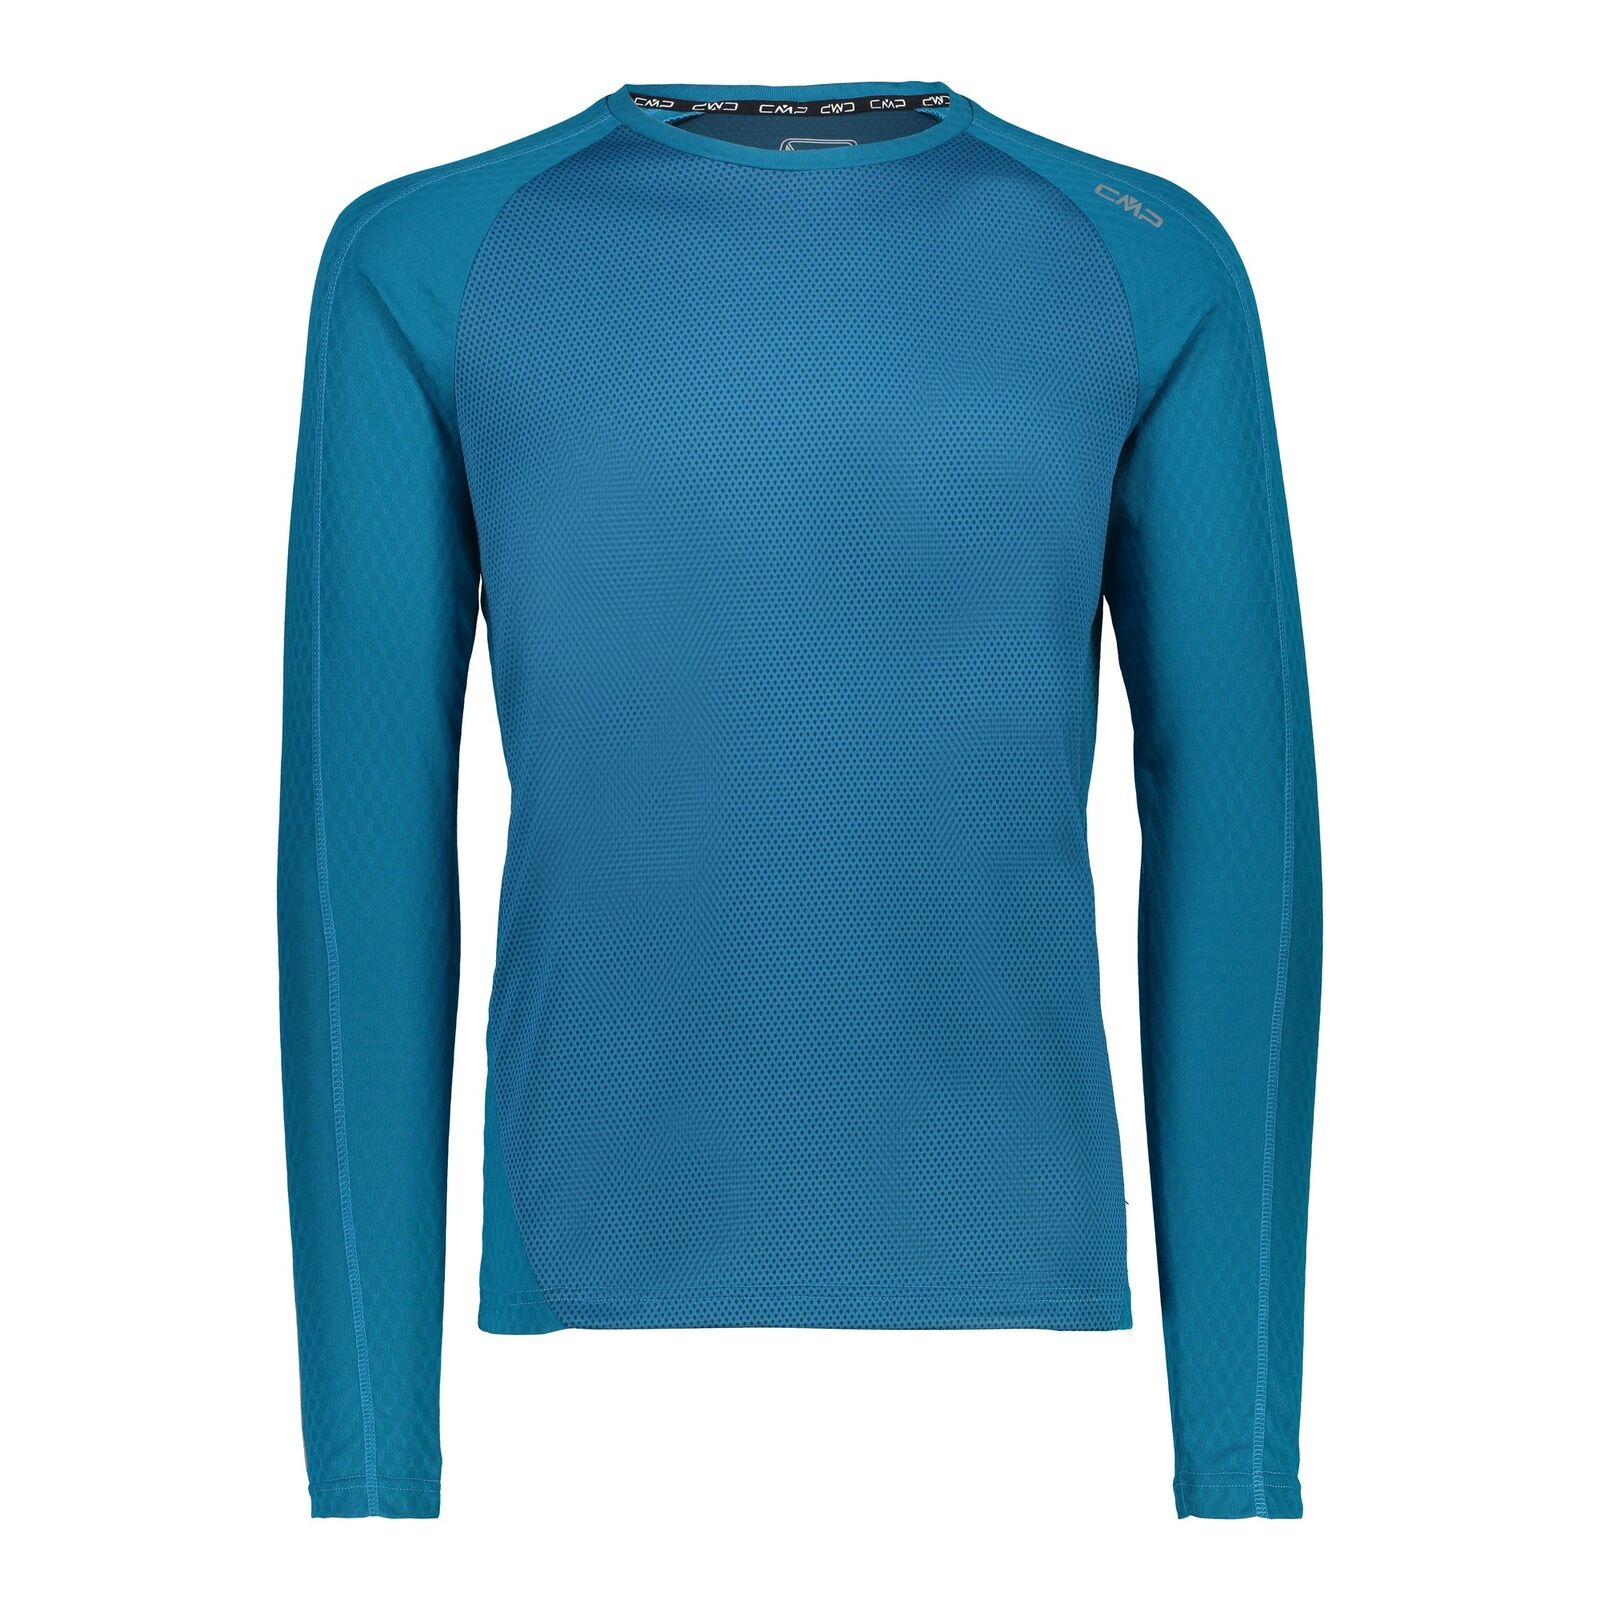 CMP Maglietta divertimentozionale Shirt uomo Maglietta blu Traspirante Elastico